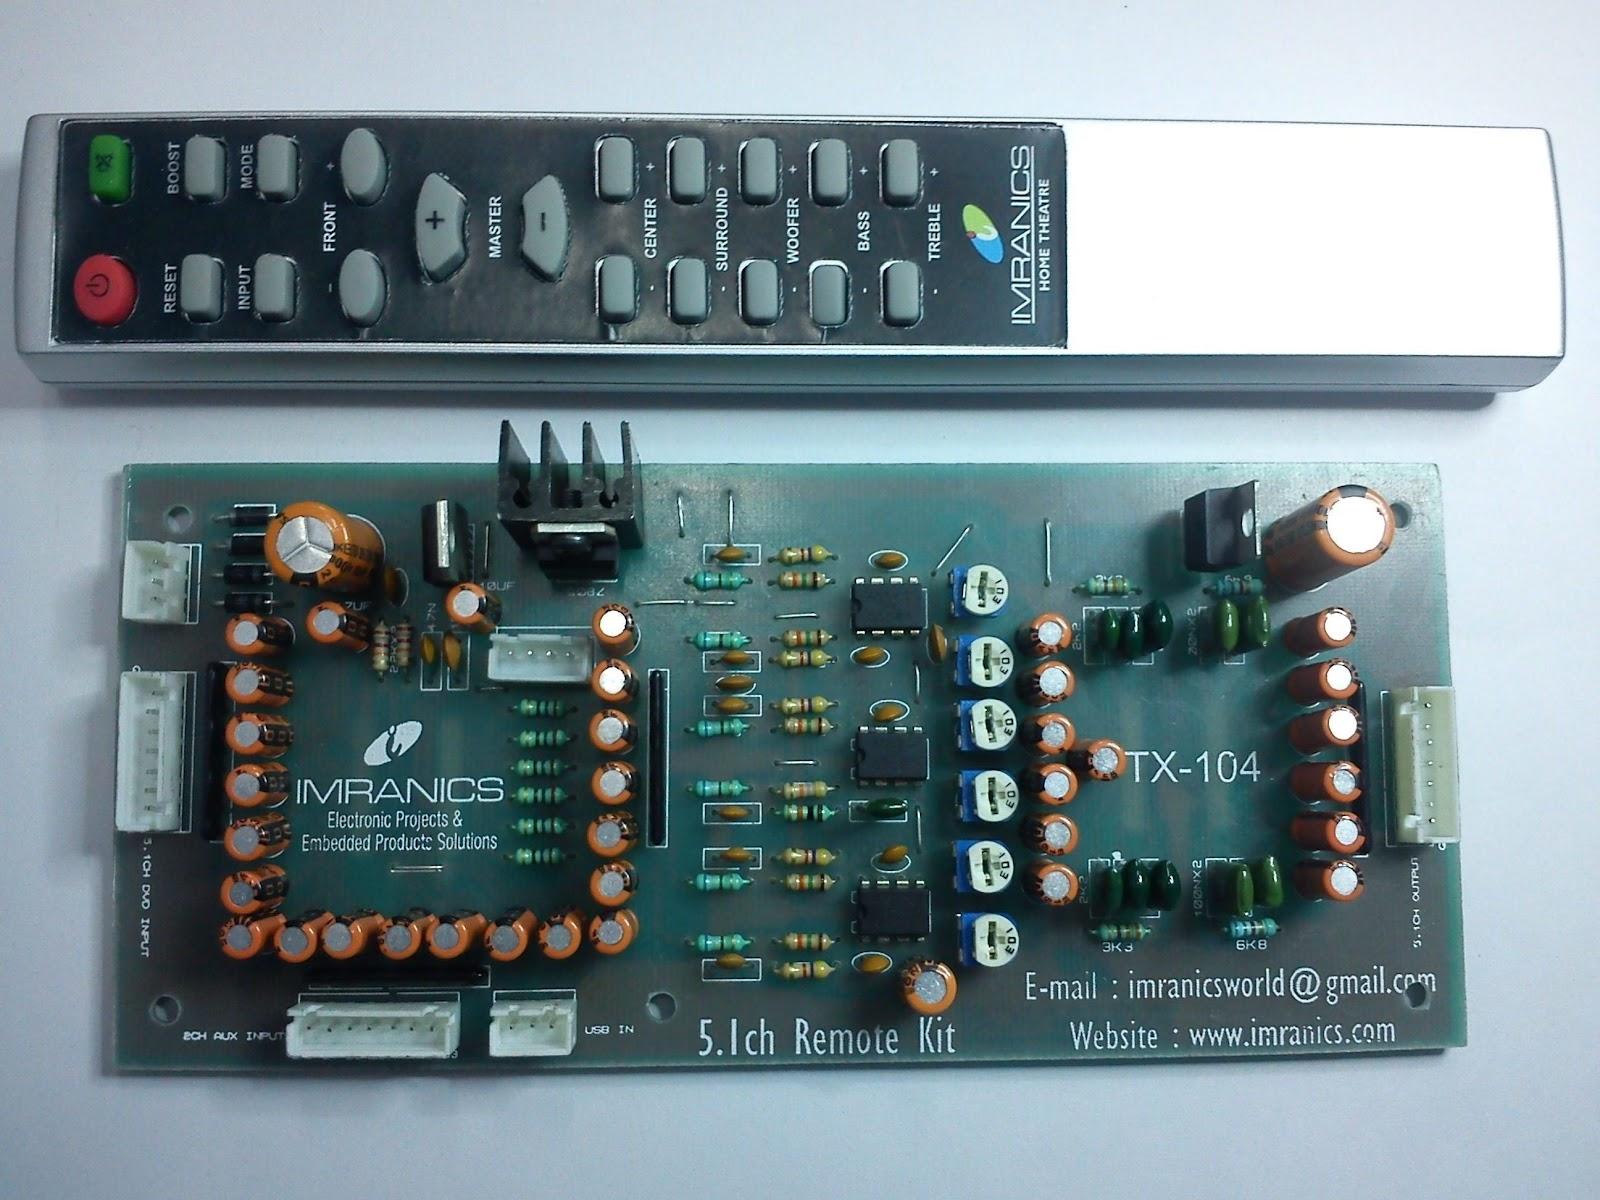 5.1 remote kit: 5.1 remote kit